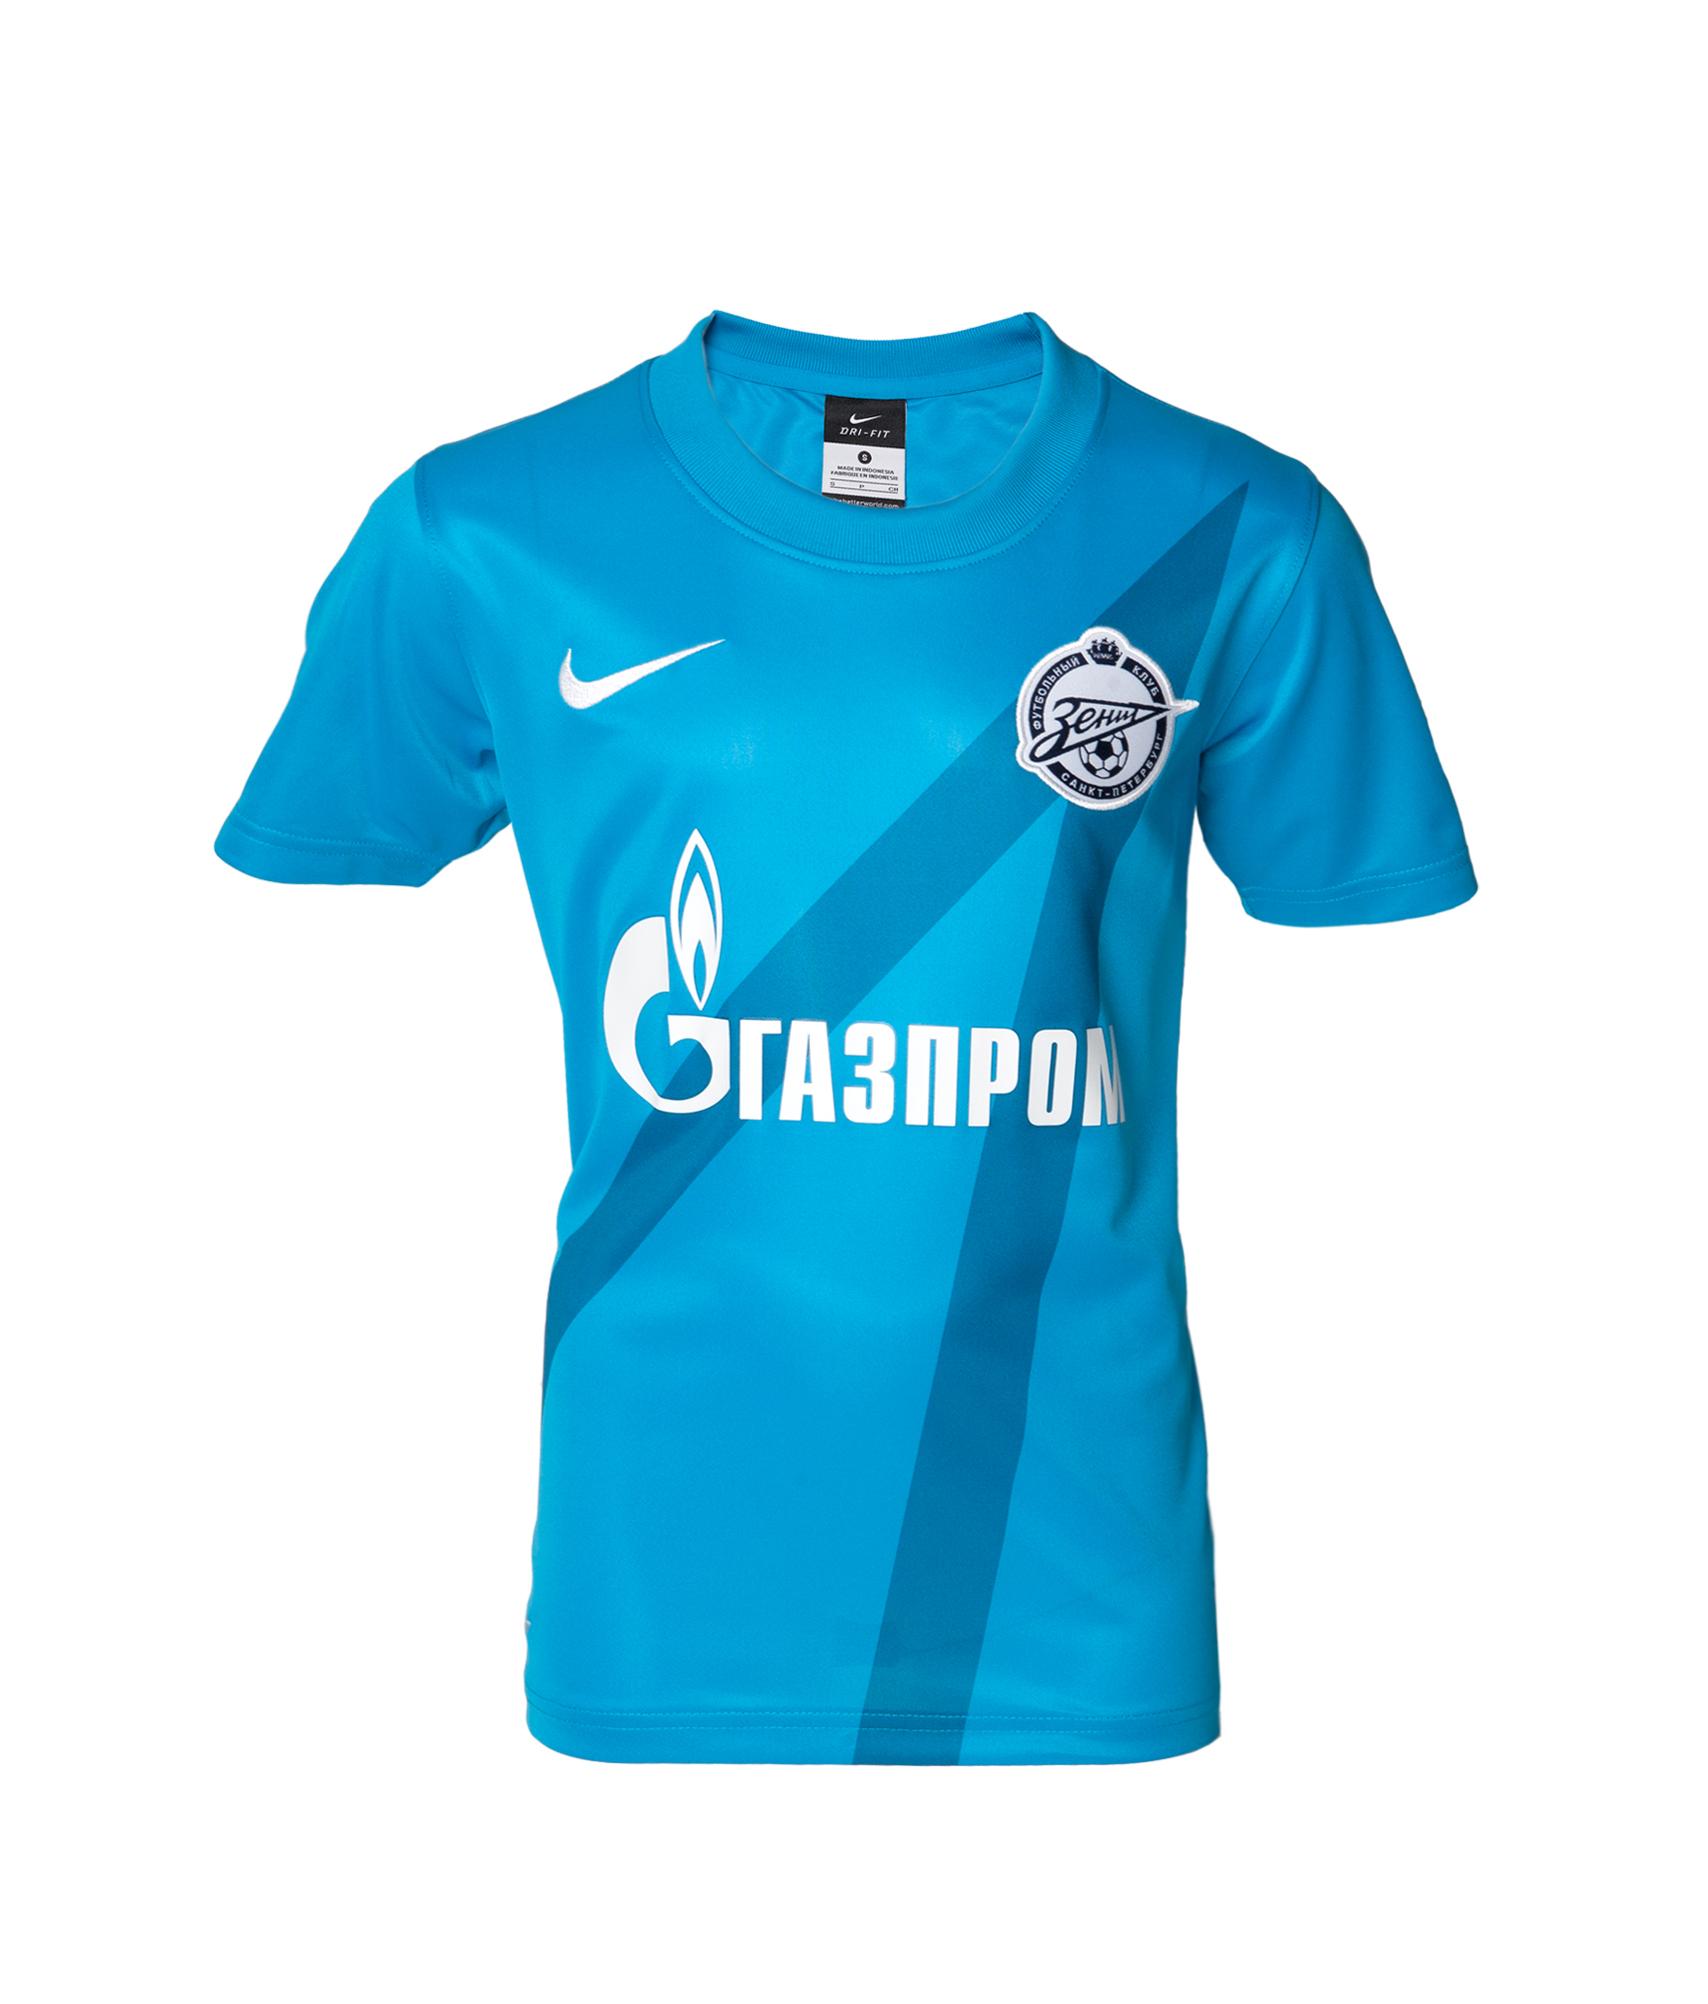 Детская футболка Nike 2012 лазурная, Цвет-Синий, Размер-L